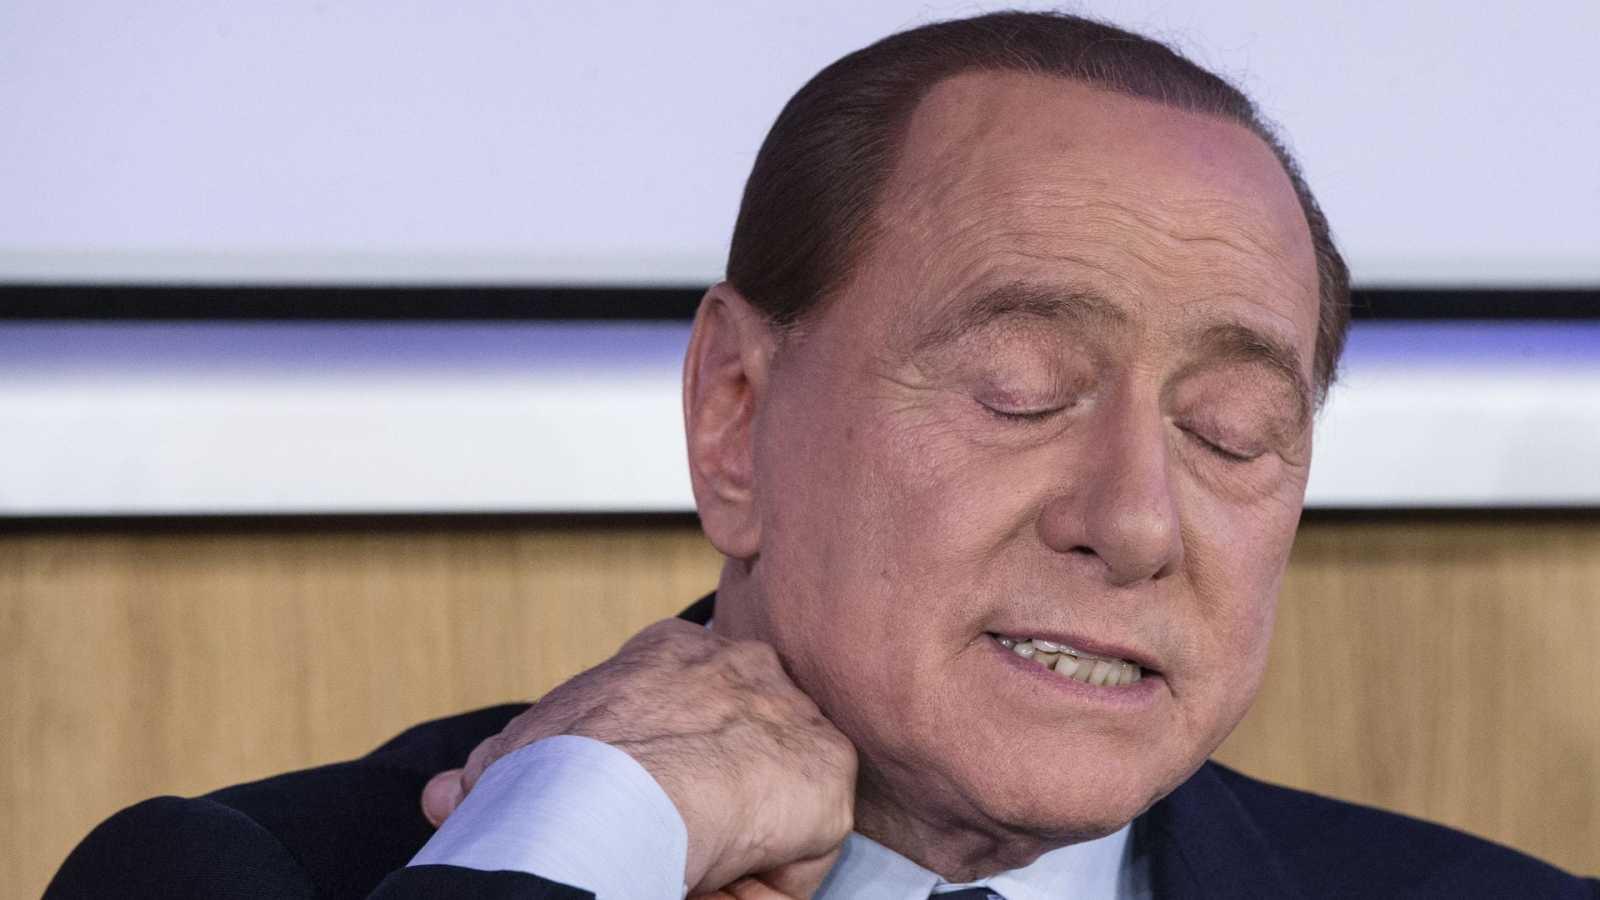 Berlusconi,  durante la presentación del libro 'Madri' (Madres) de Myrta Merlino en Roma, poco antes de anunciar su positivo por Covid